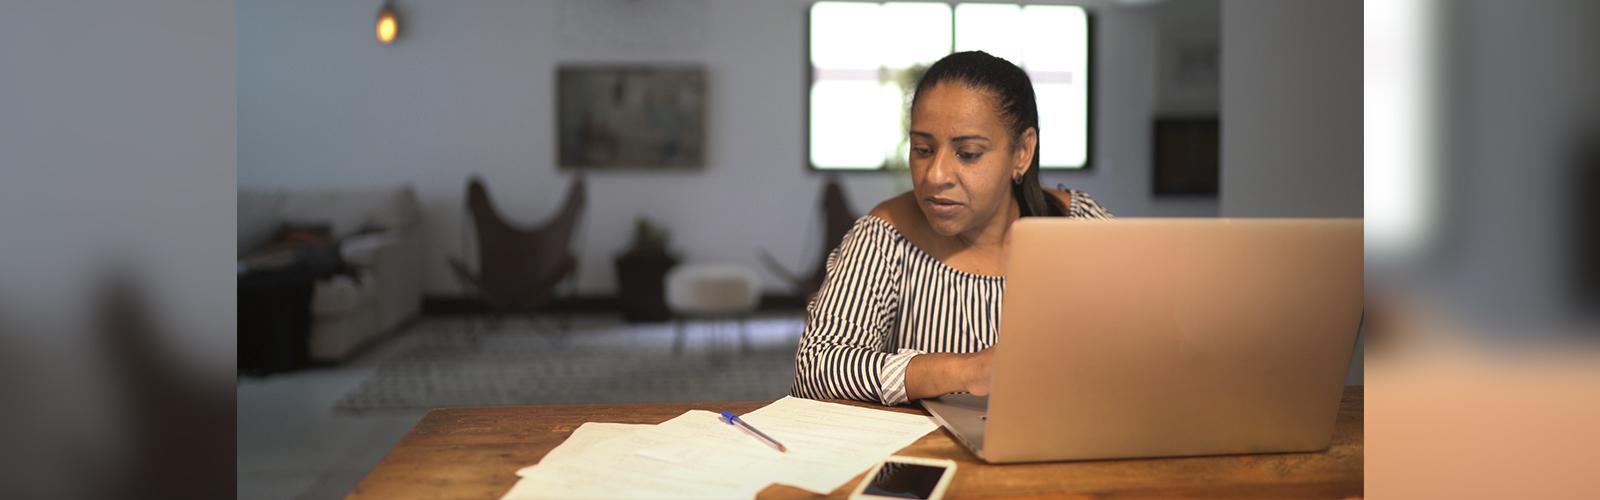 Mulher na sala de uma casa, sentada em frente a um computador, olhando para uns papeis sobre a mesa.